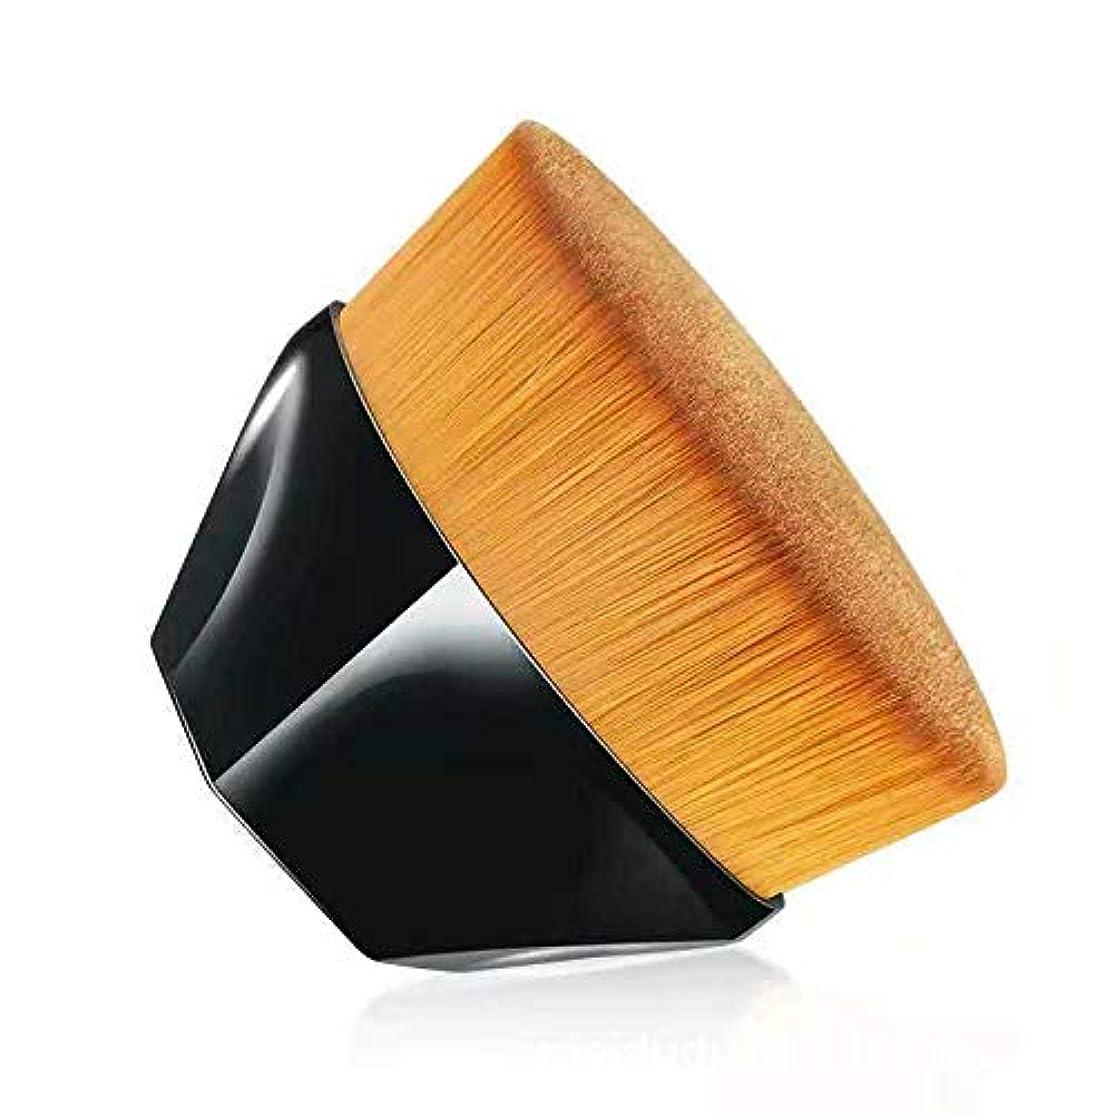 腹部みなすホステル柔らかい高級繊維毛化粧ブラシ 携帯便利メイクアップブラシ?肌にやさしいファンデーションブラシ?化粧筆 (ブラック)